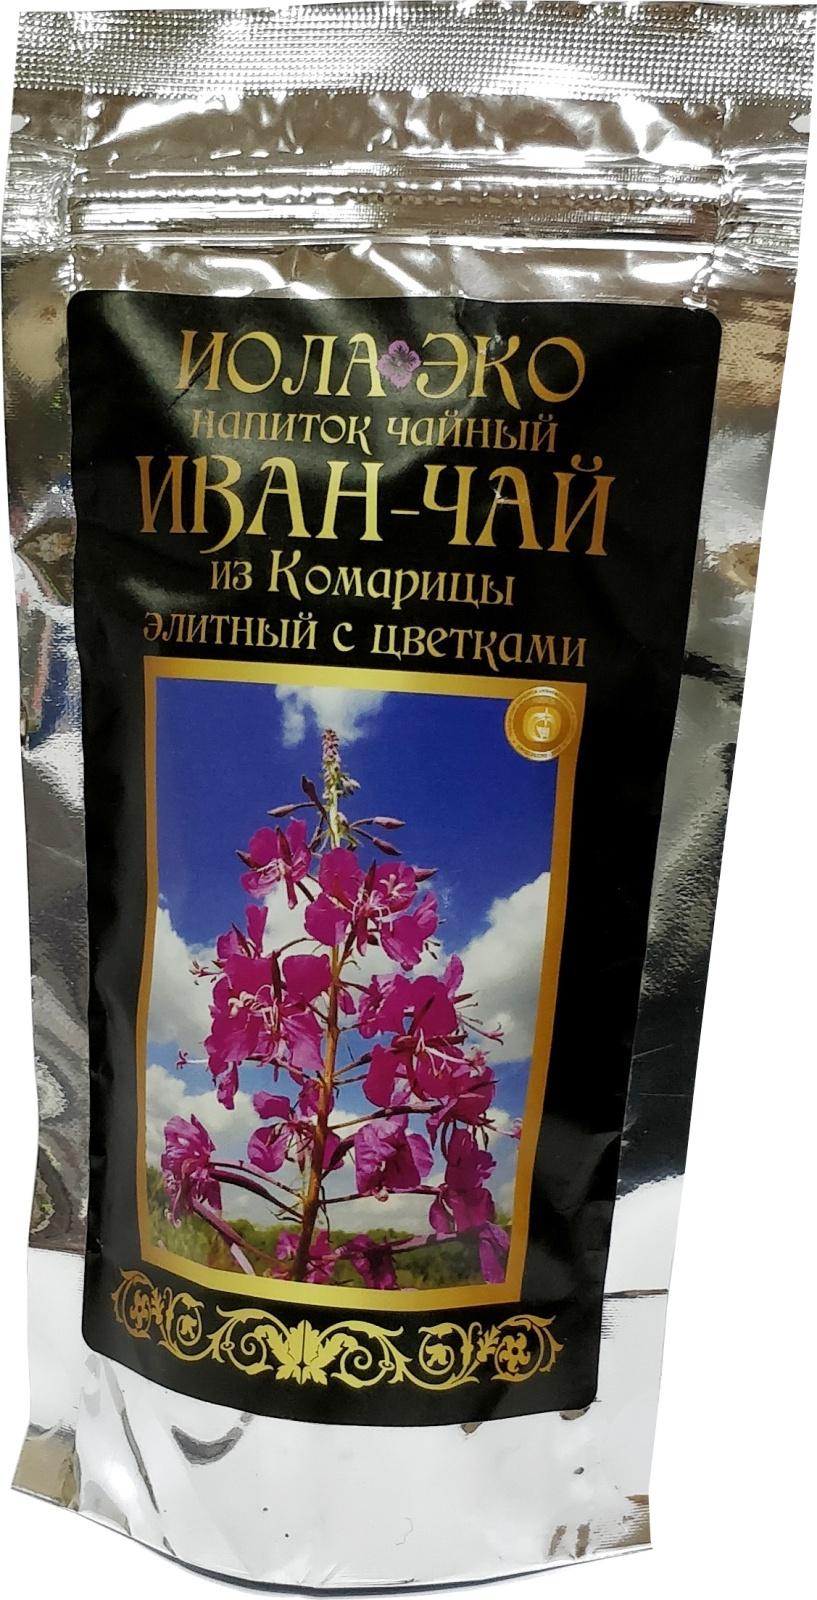 Чай листовой 00000014977, Иван-чай, 75 подставка для столовых приборов joseph joseph segment цвет серый высота 19 см